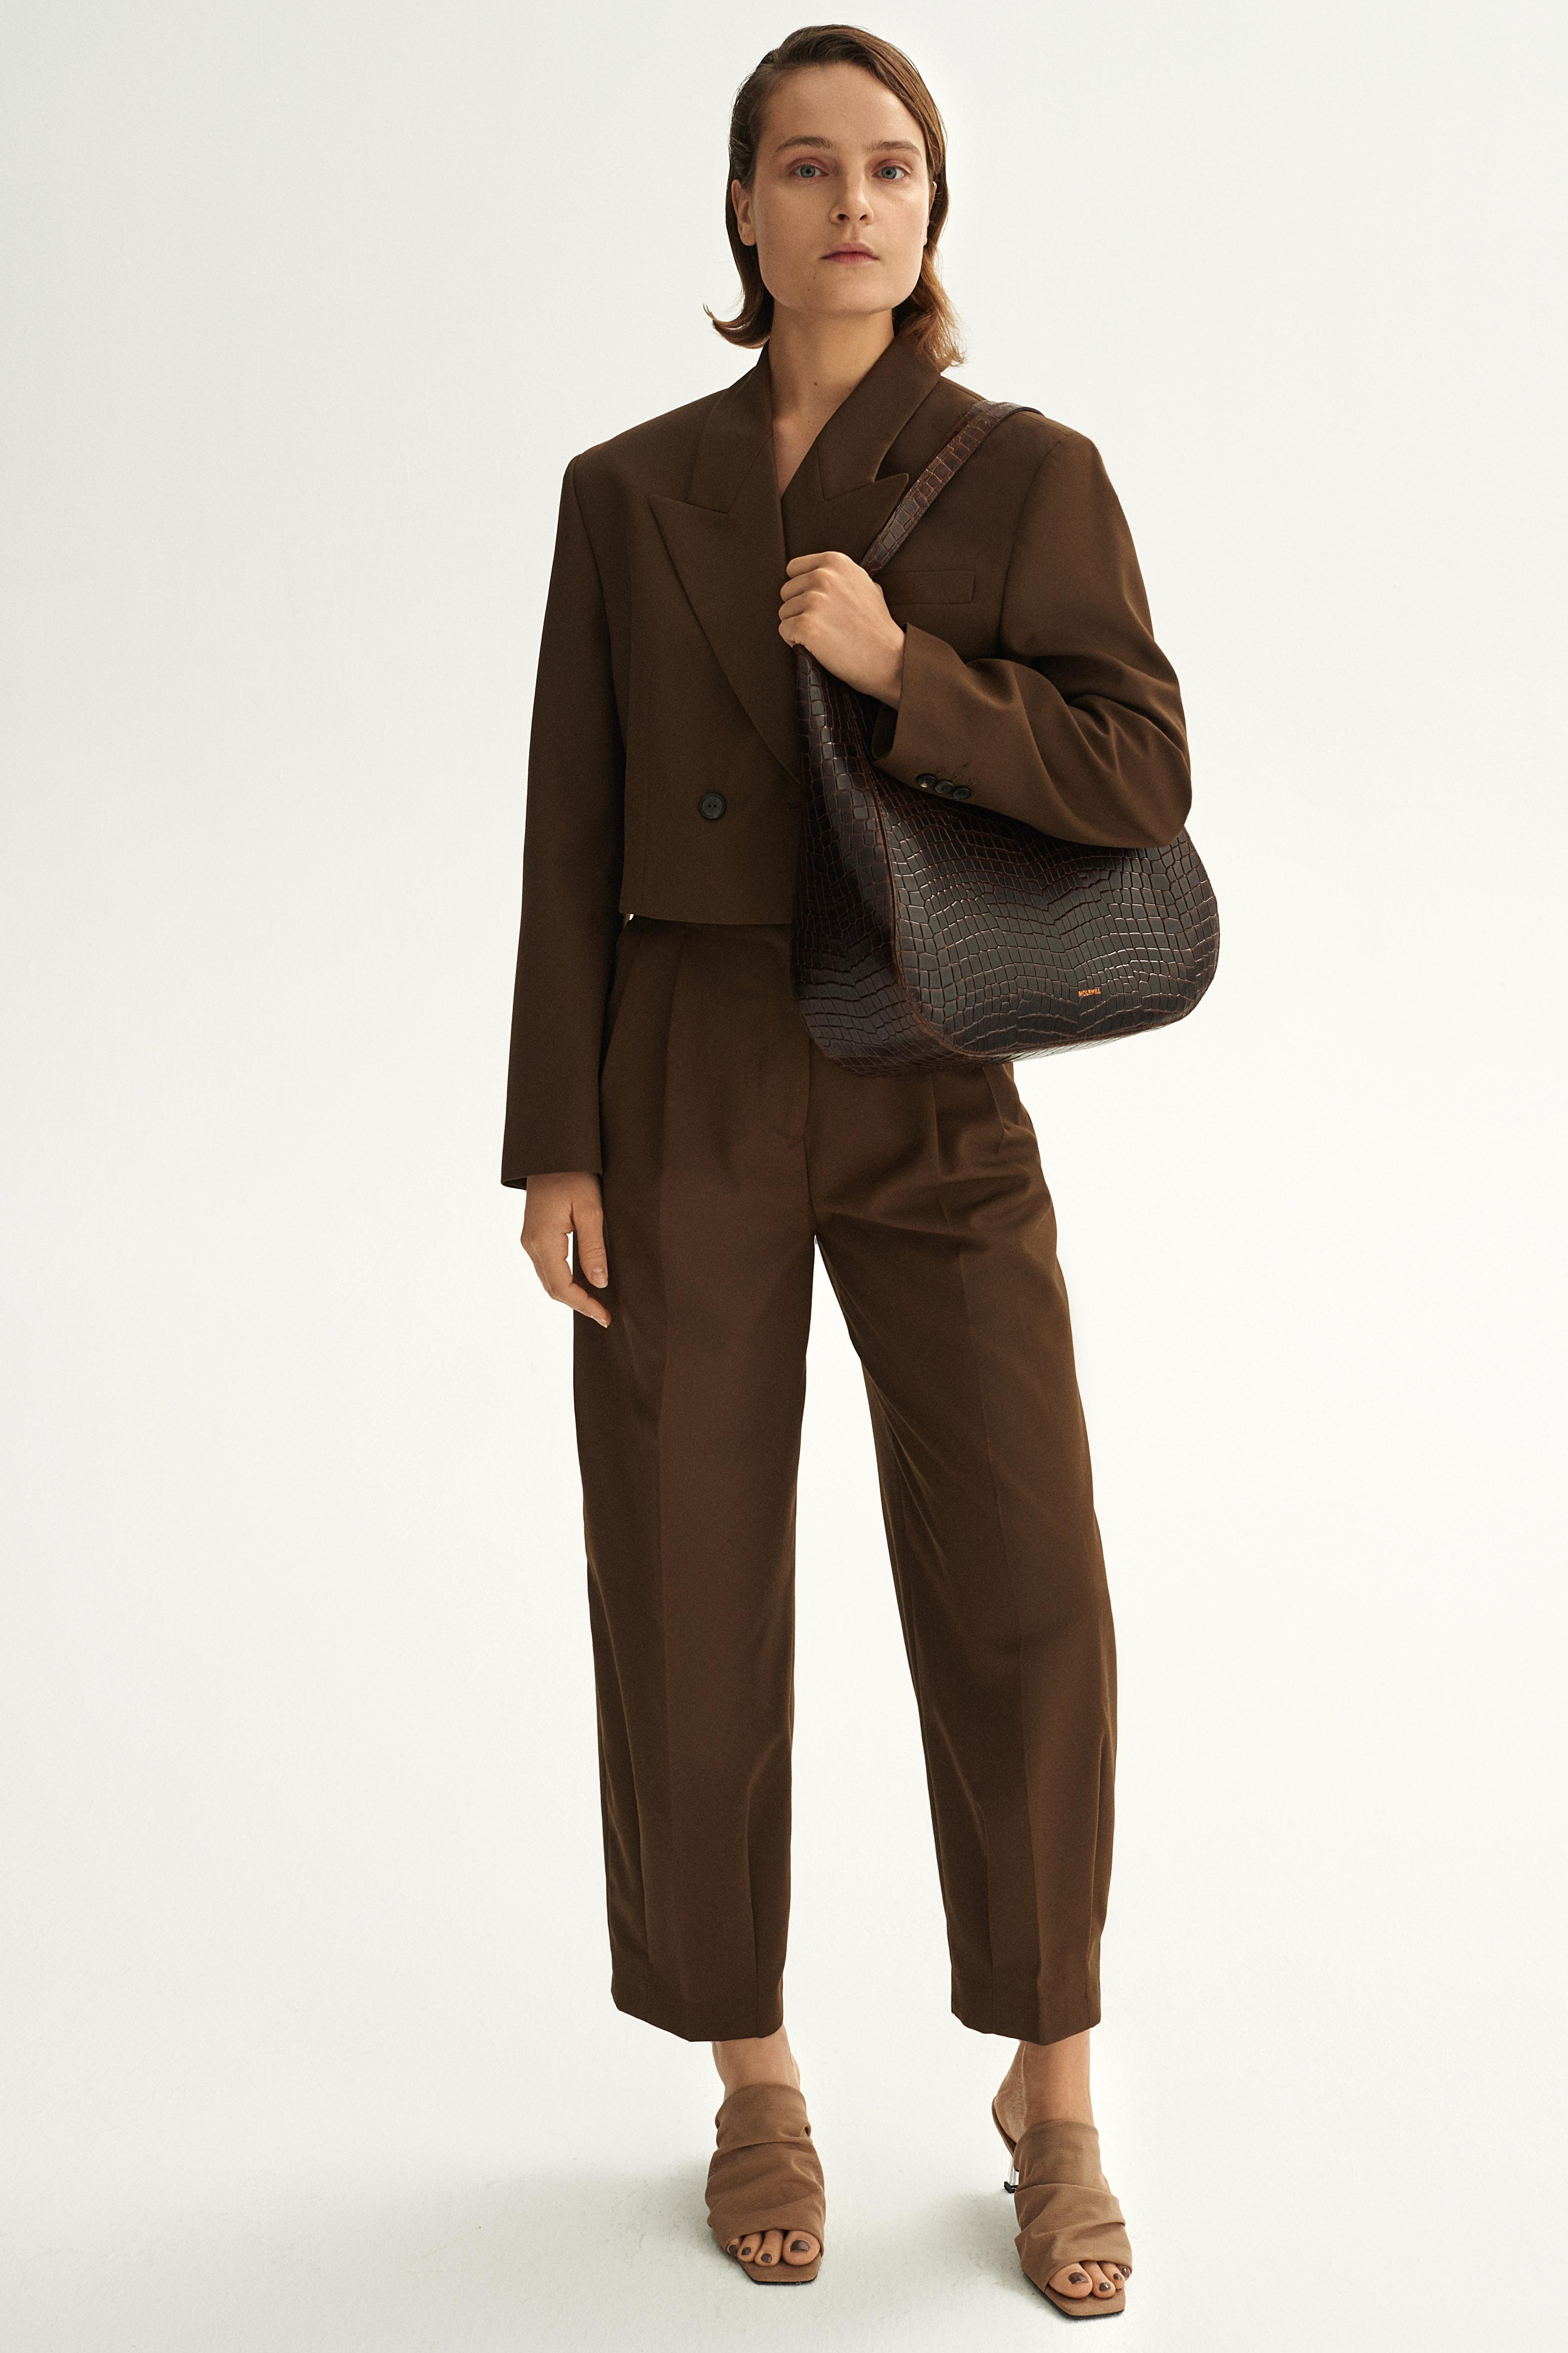 Molehill-Lookbook-Lesa-Medium-Handbag-Croco